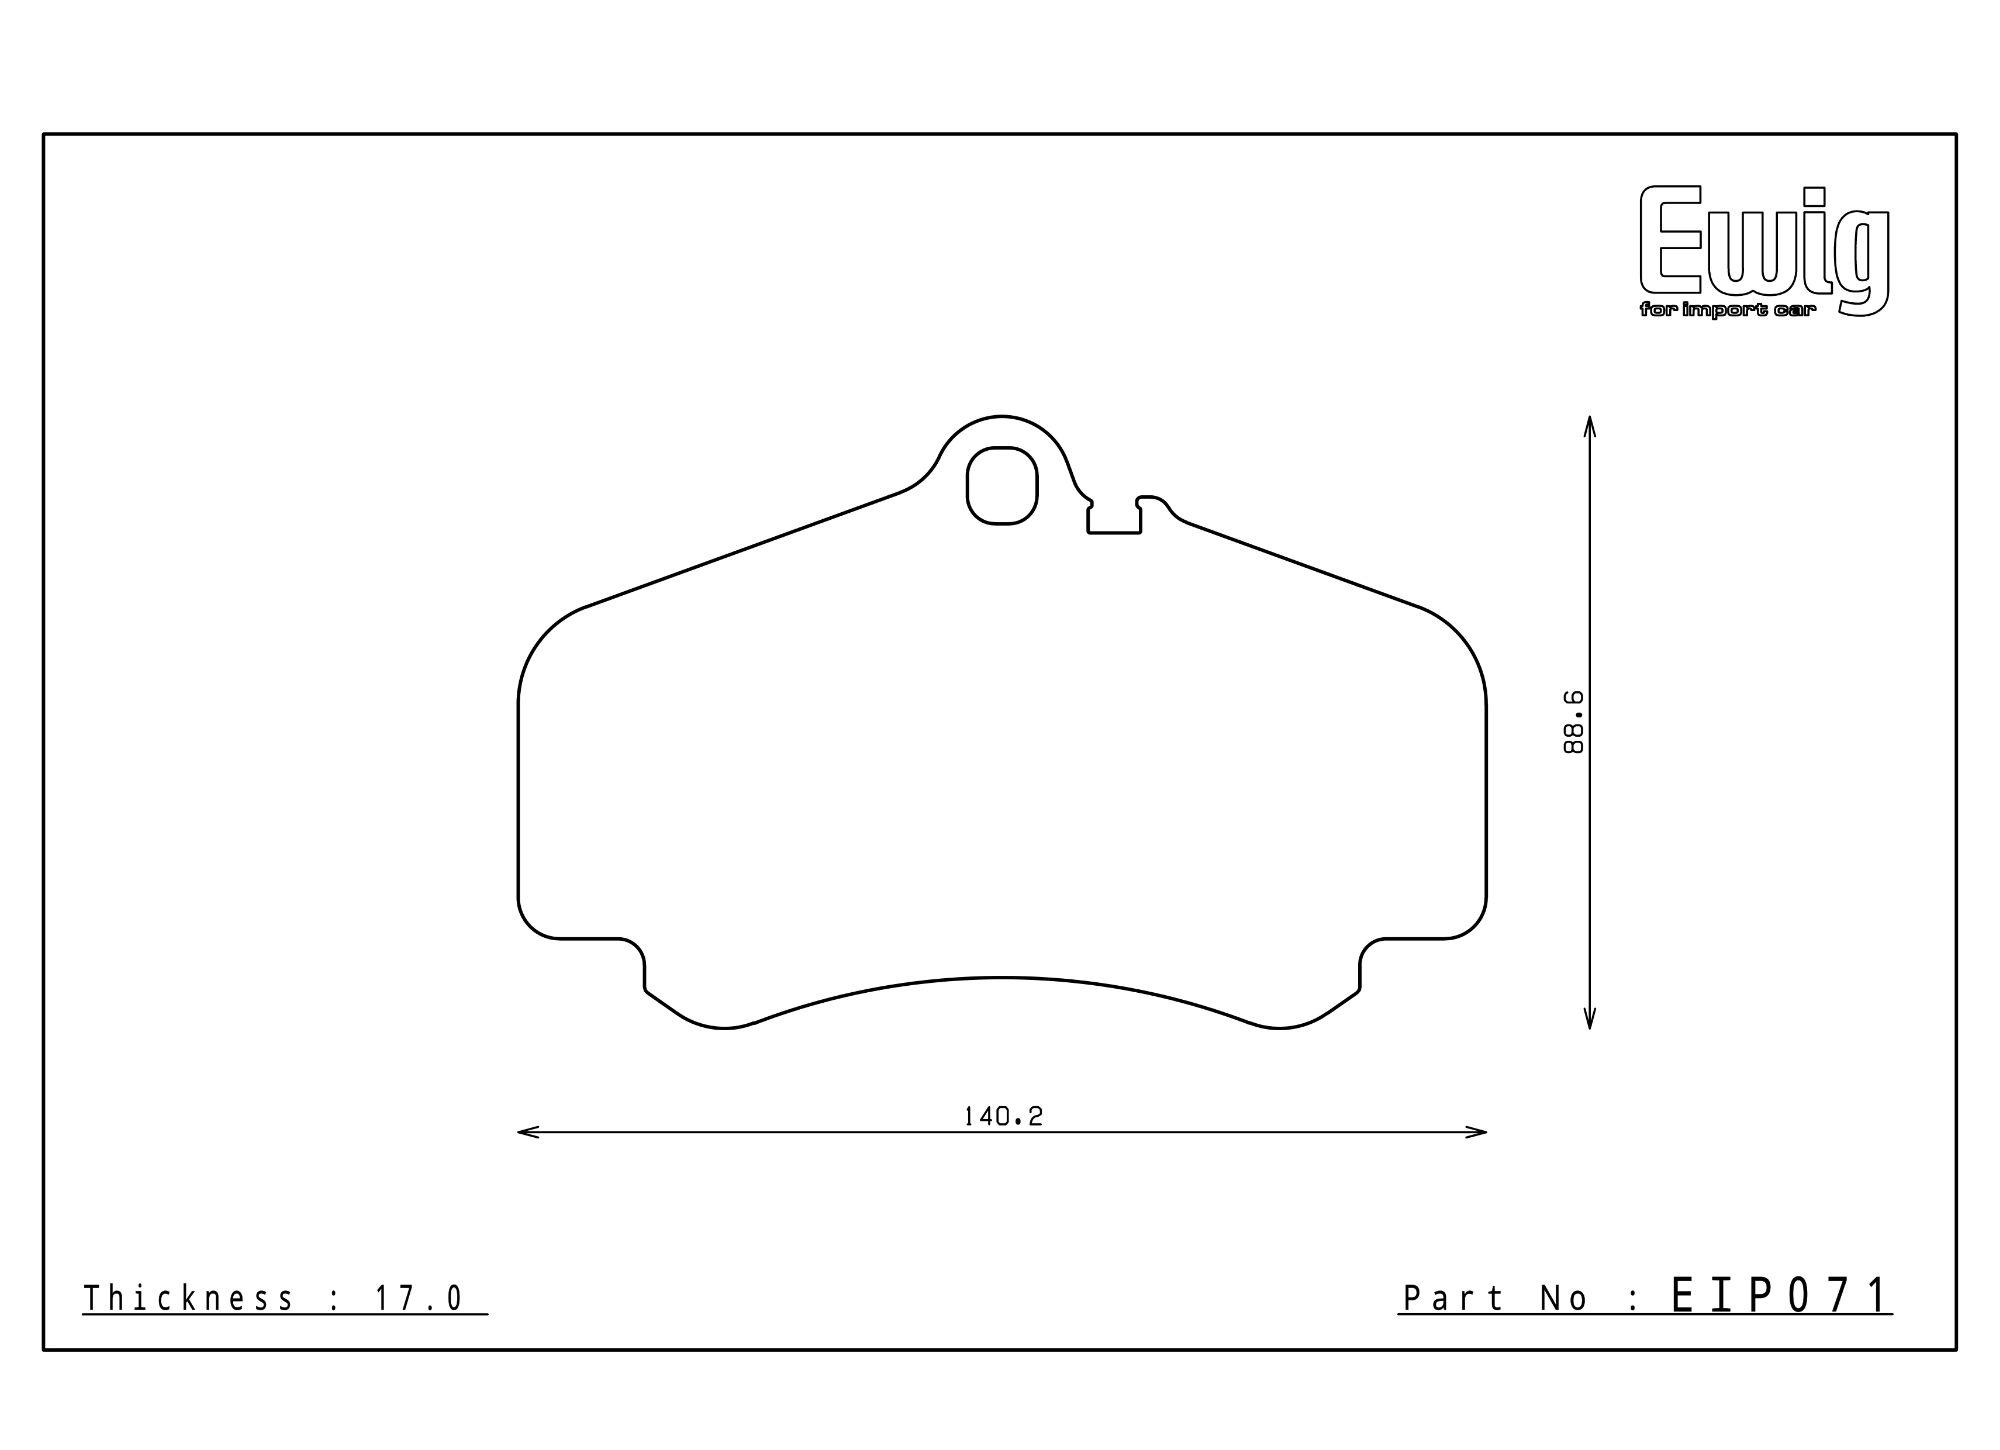 Endless Racing Brake Pads - EIP071